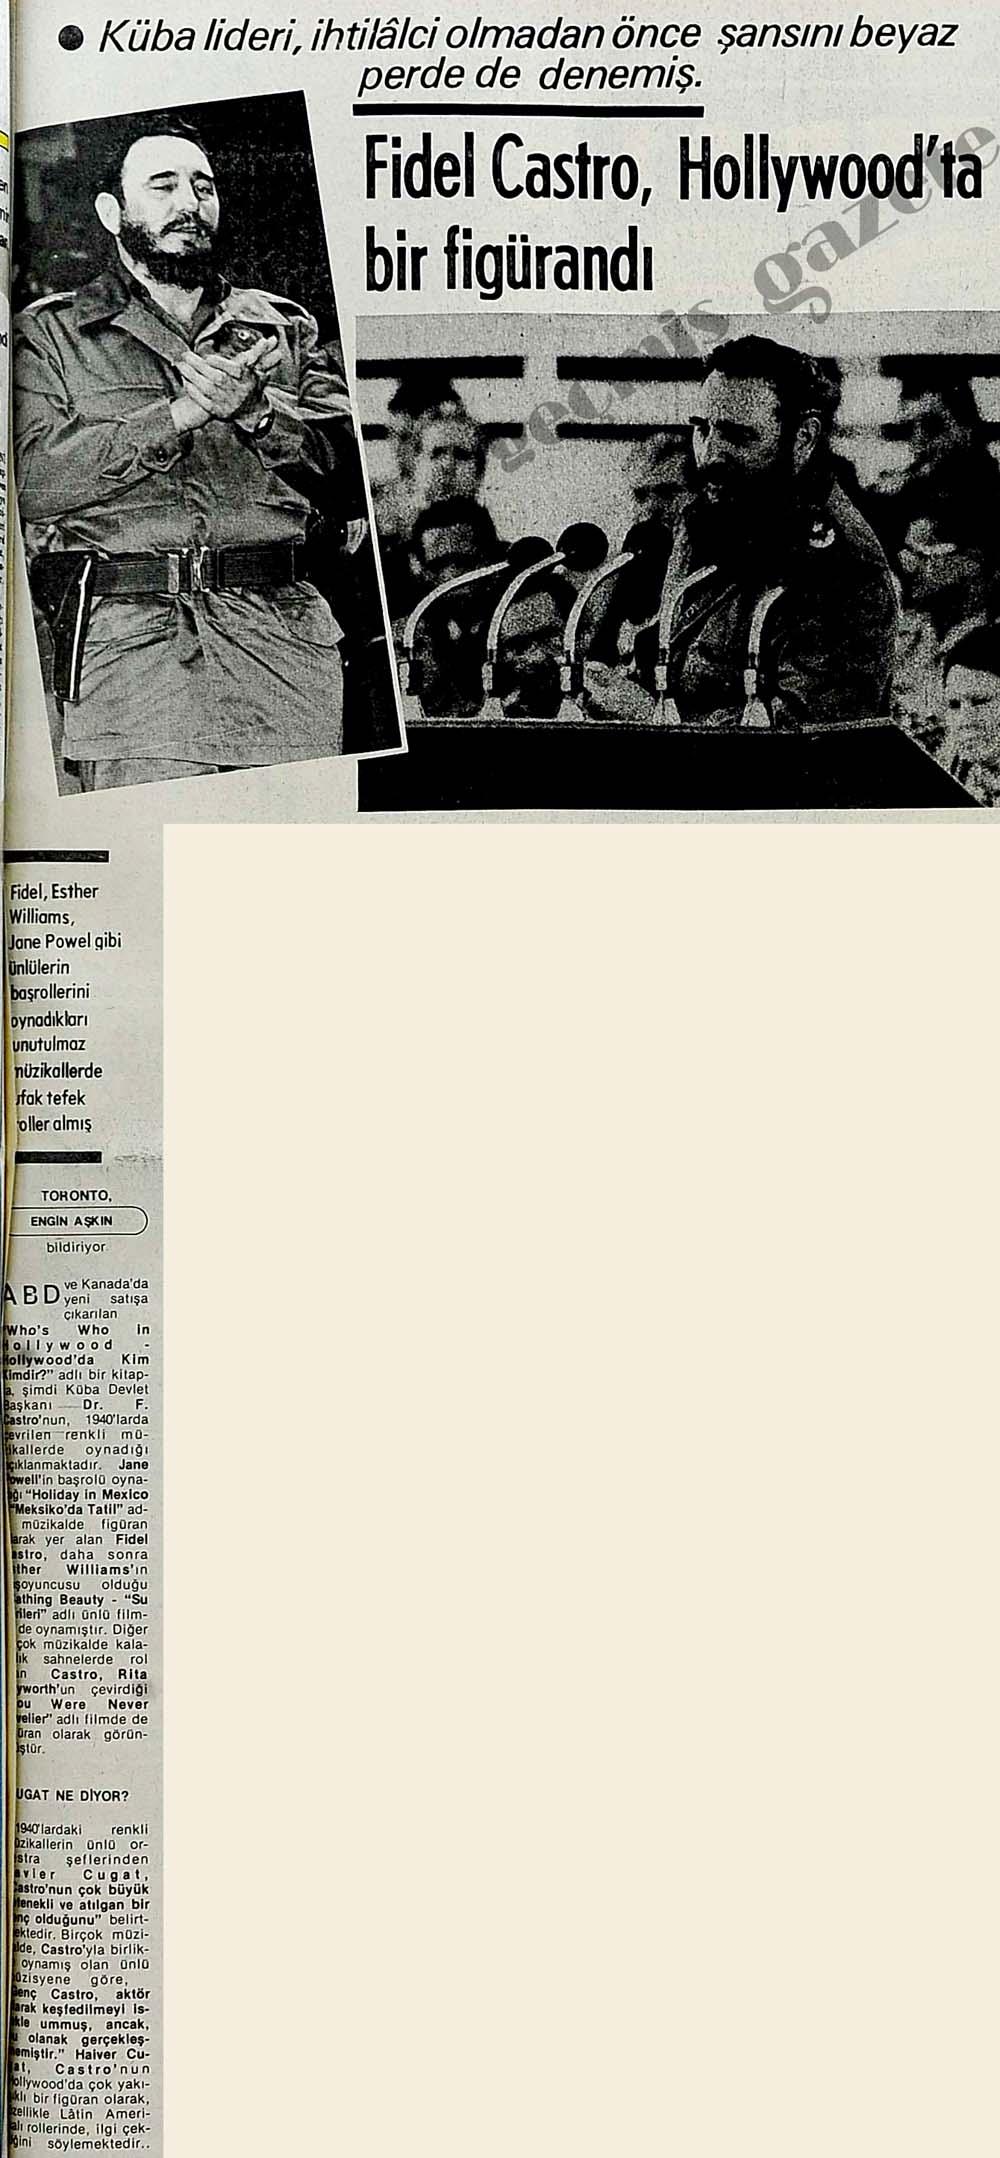 Fidel Castro, Hollywood'ta bir figürandı